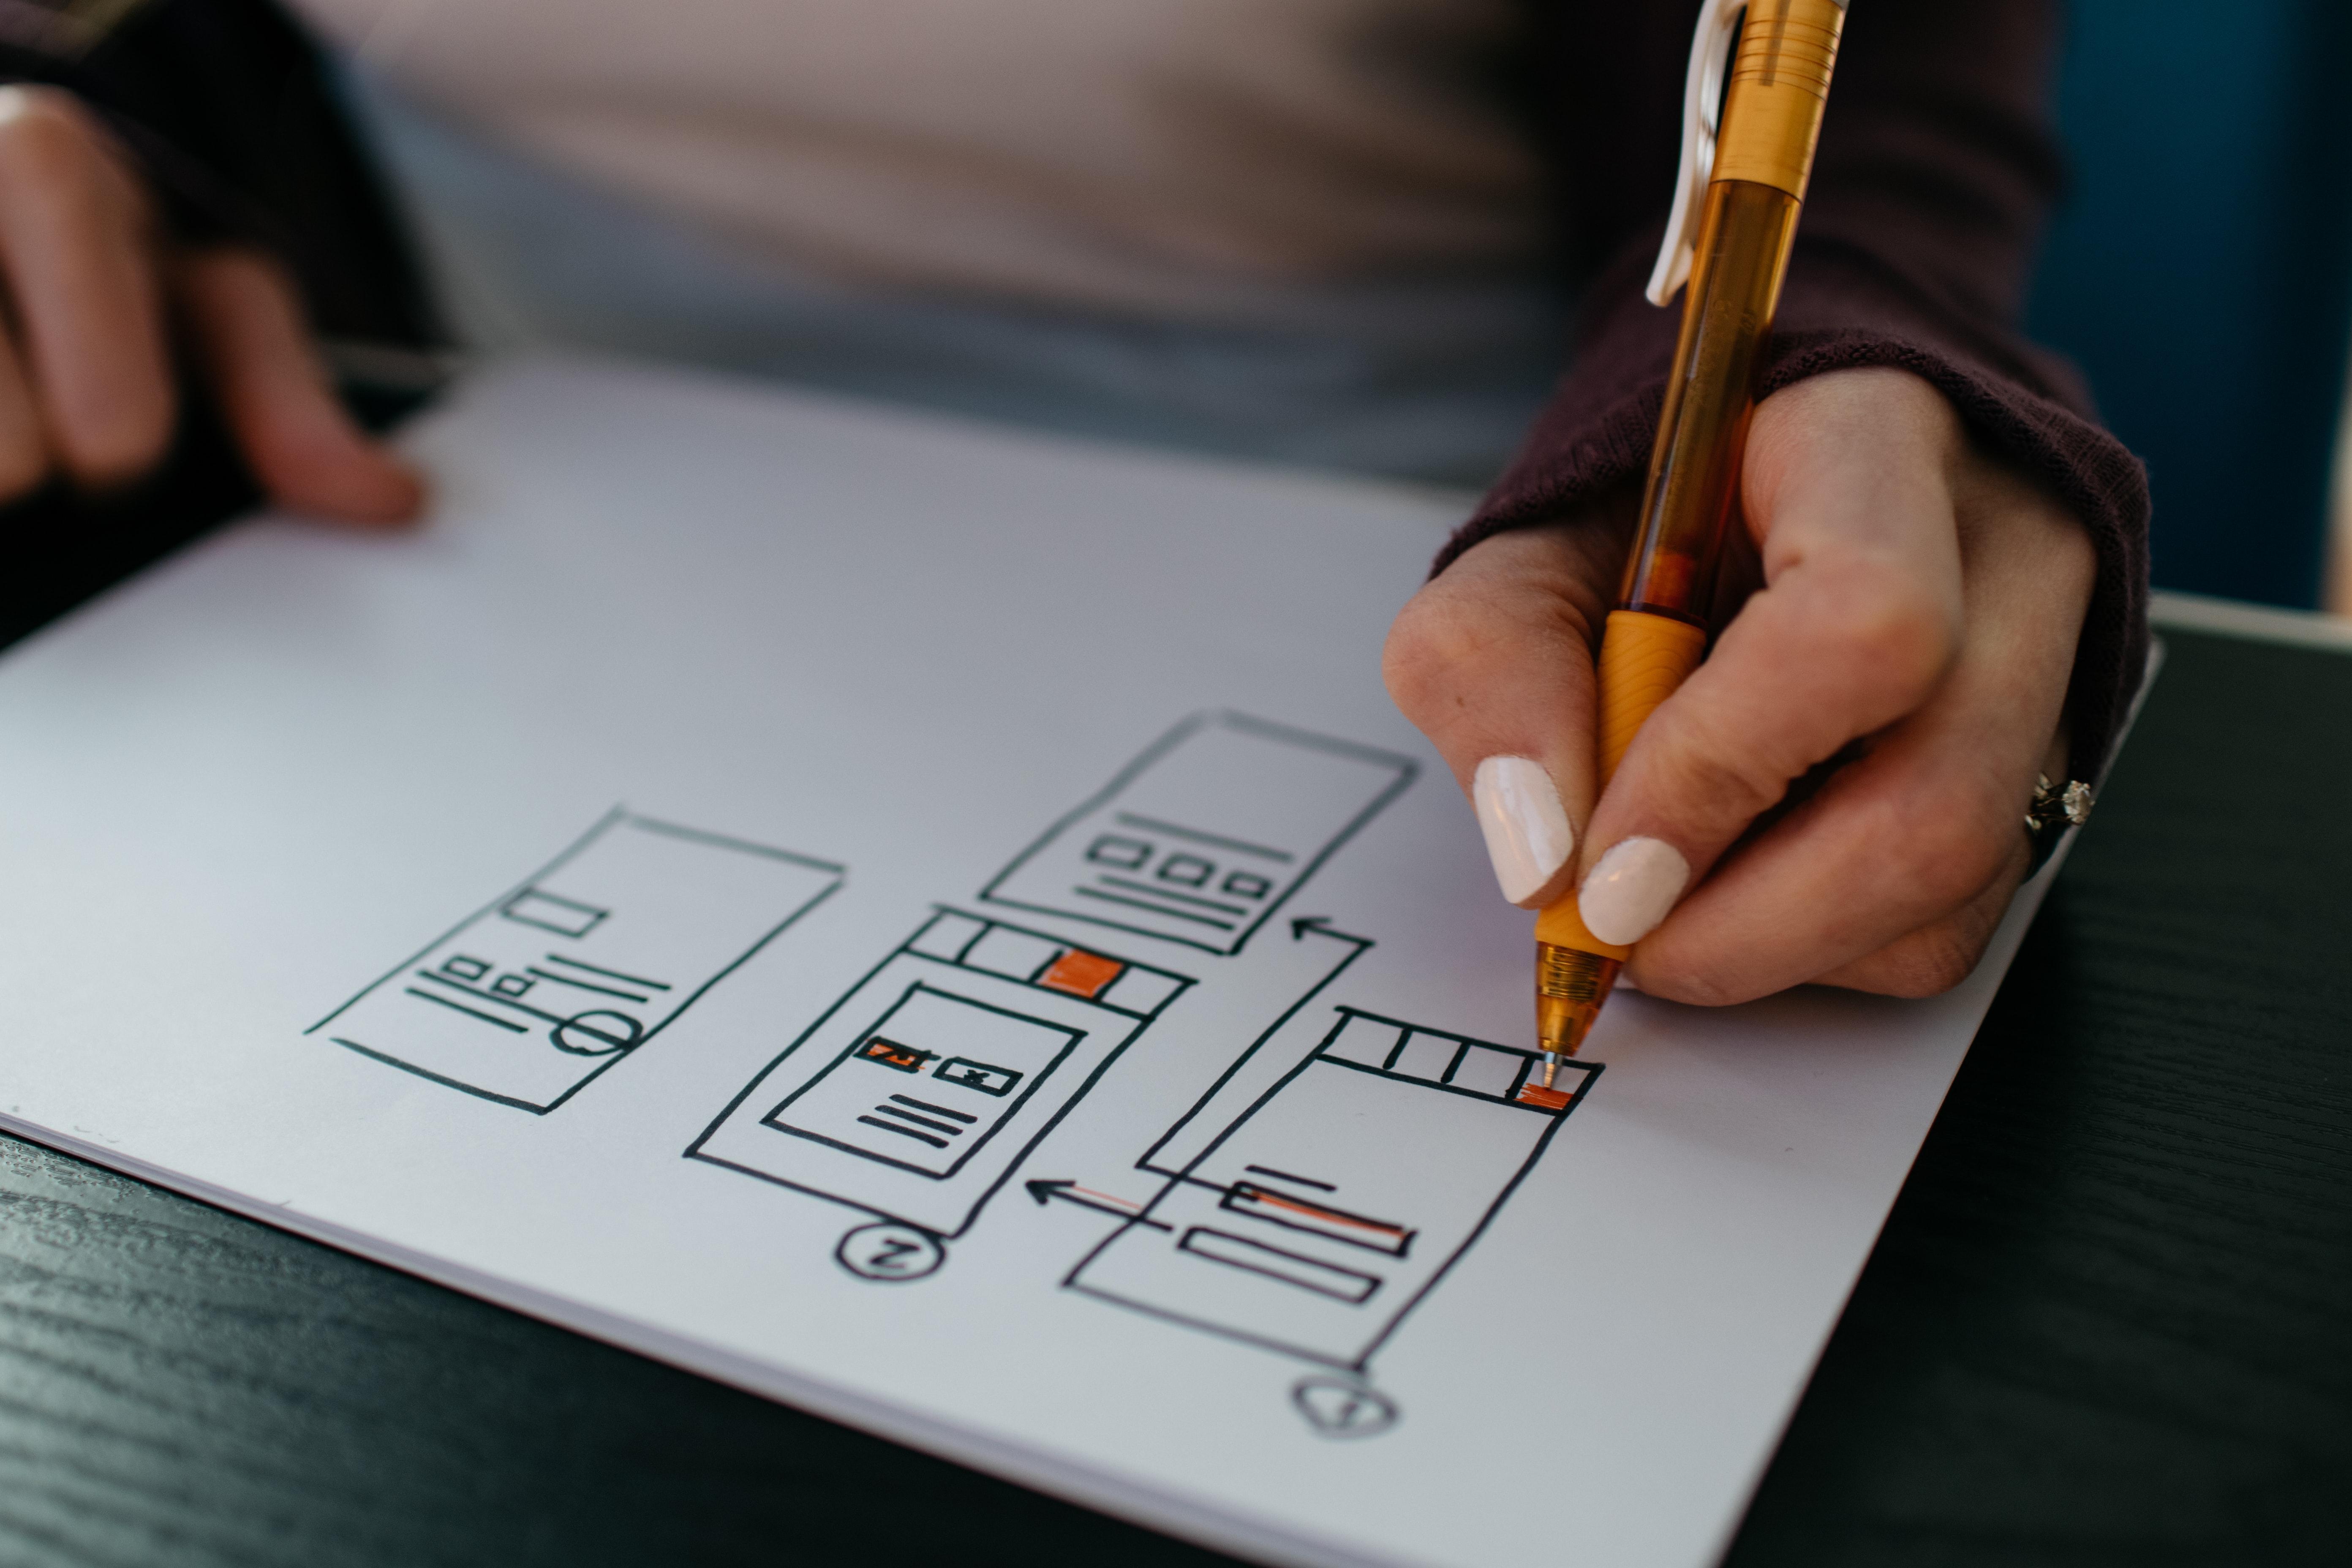 Image of designer wireframing.